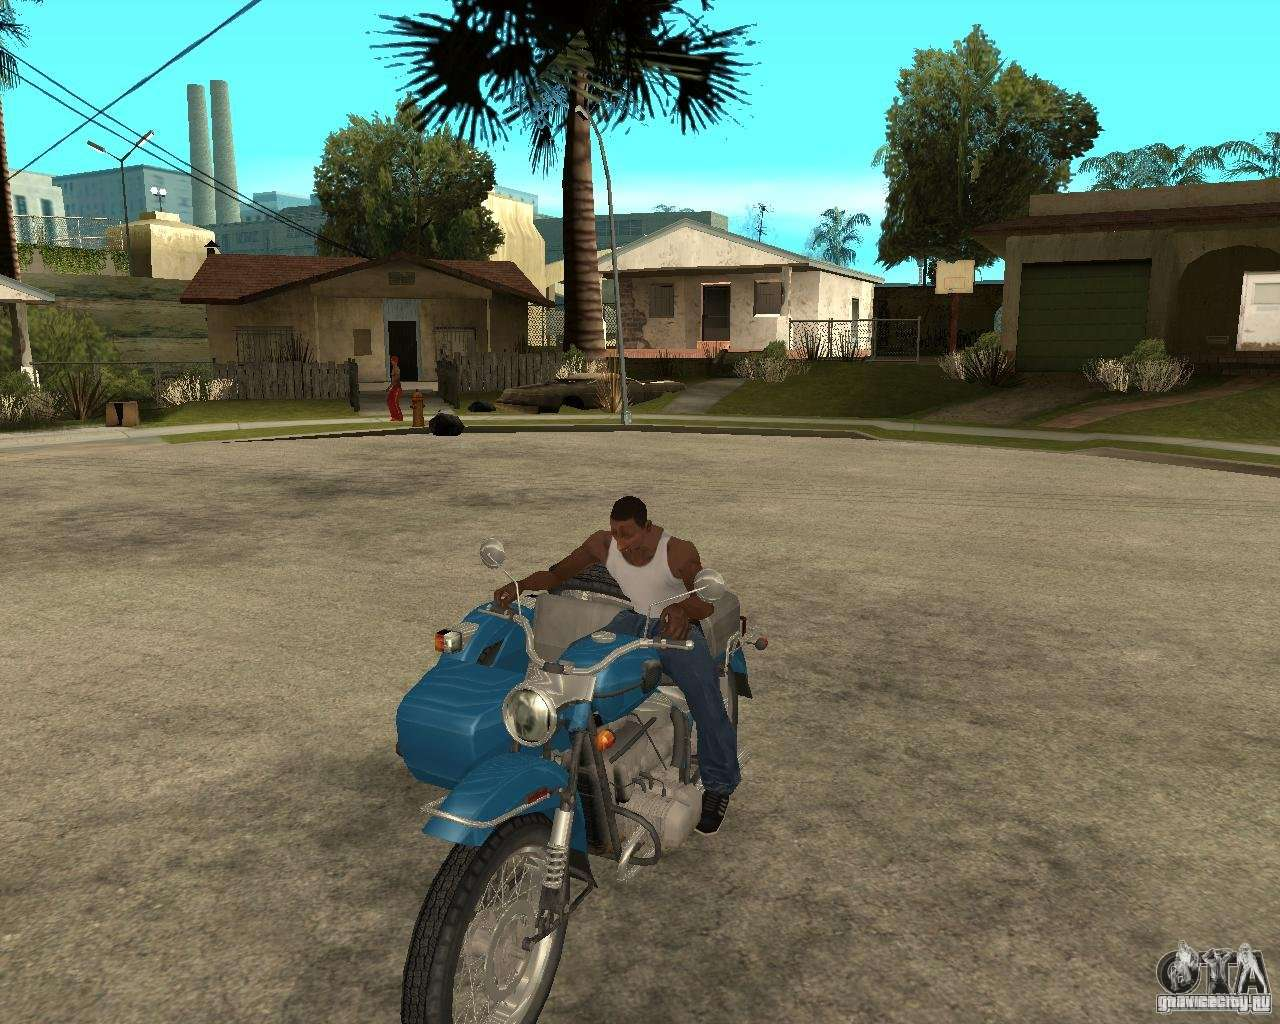 Звук глохнущего мотоцикла скачать